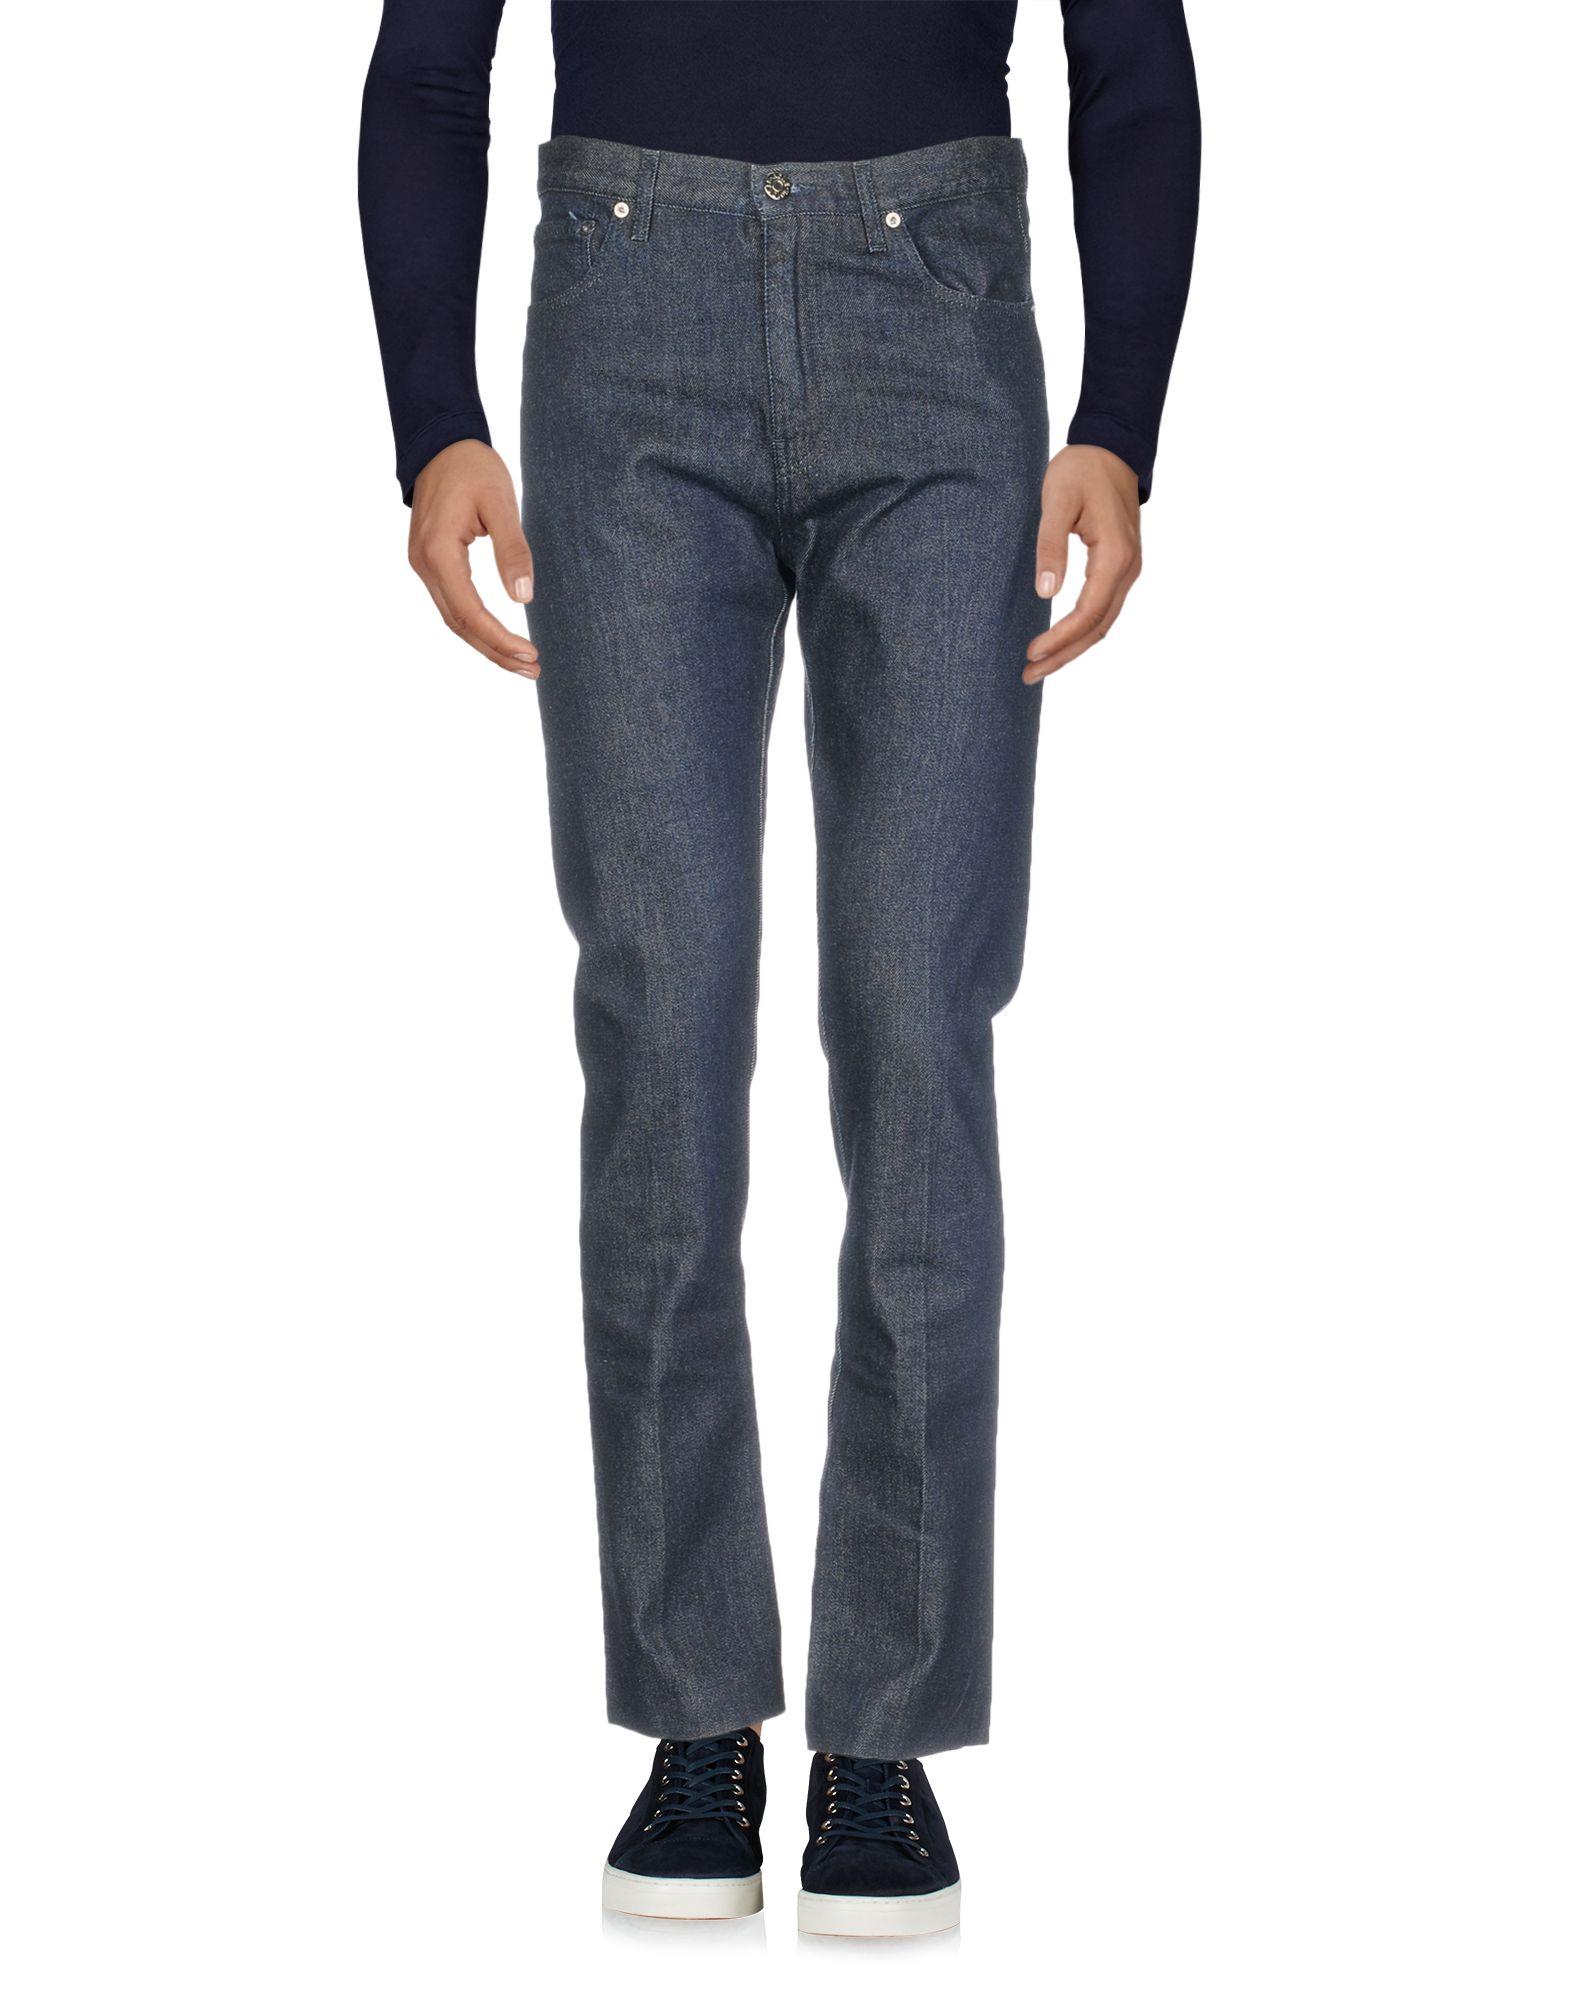 Pantaloni Jeans Acne - Studios Uomo - Acne 42672911KK 5caee8